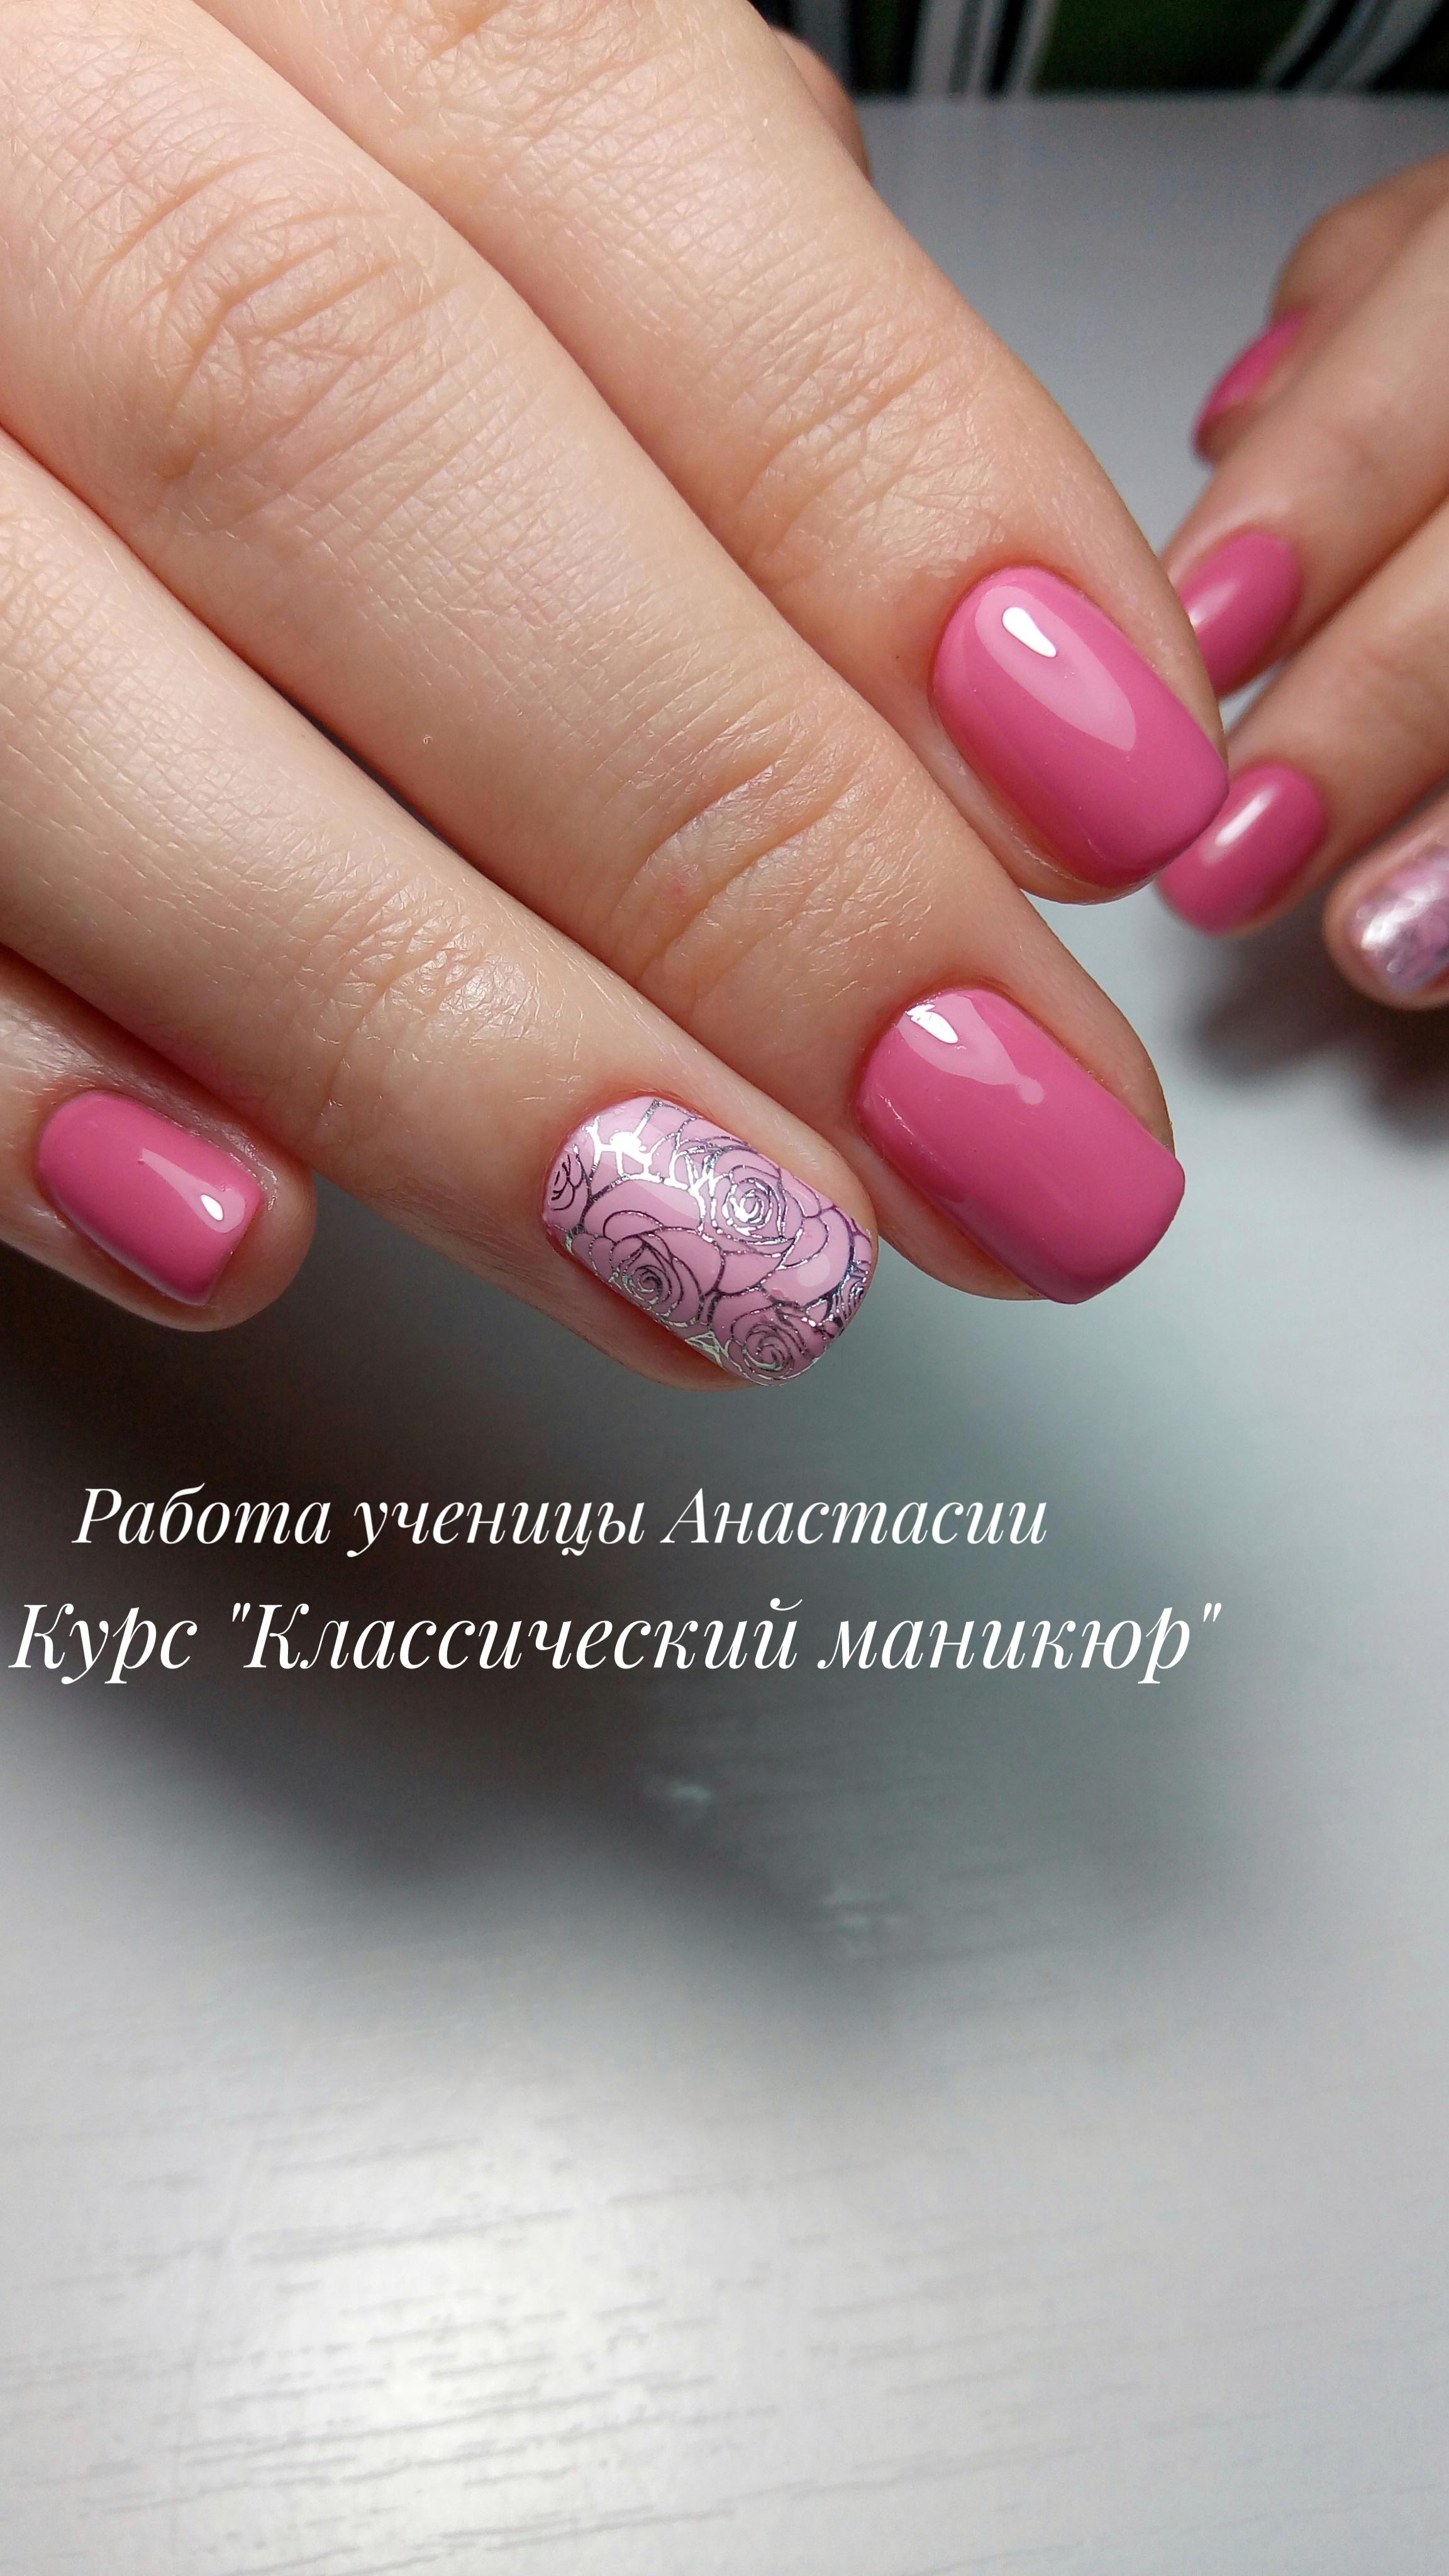 Однотонный маникюр в розовом цвете с серебряным цветочным стемпингом.